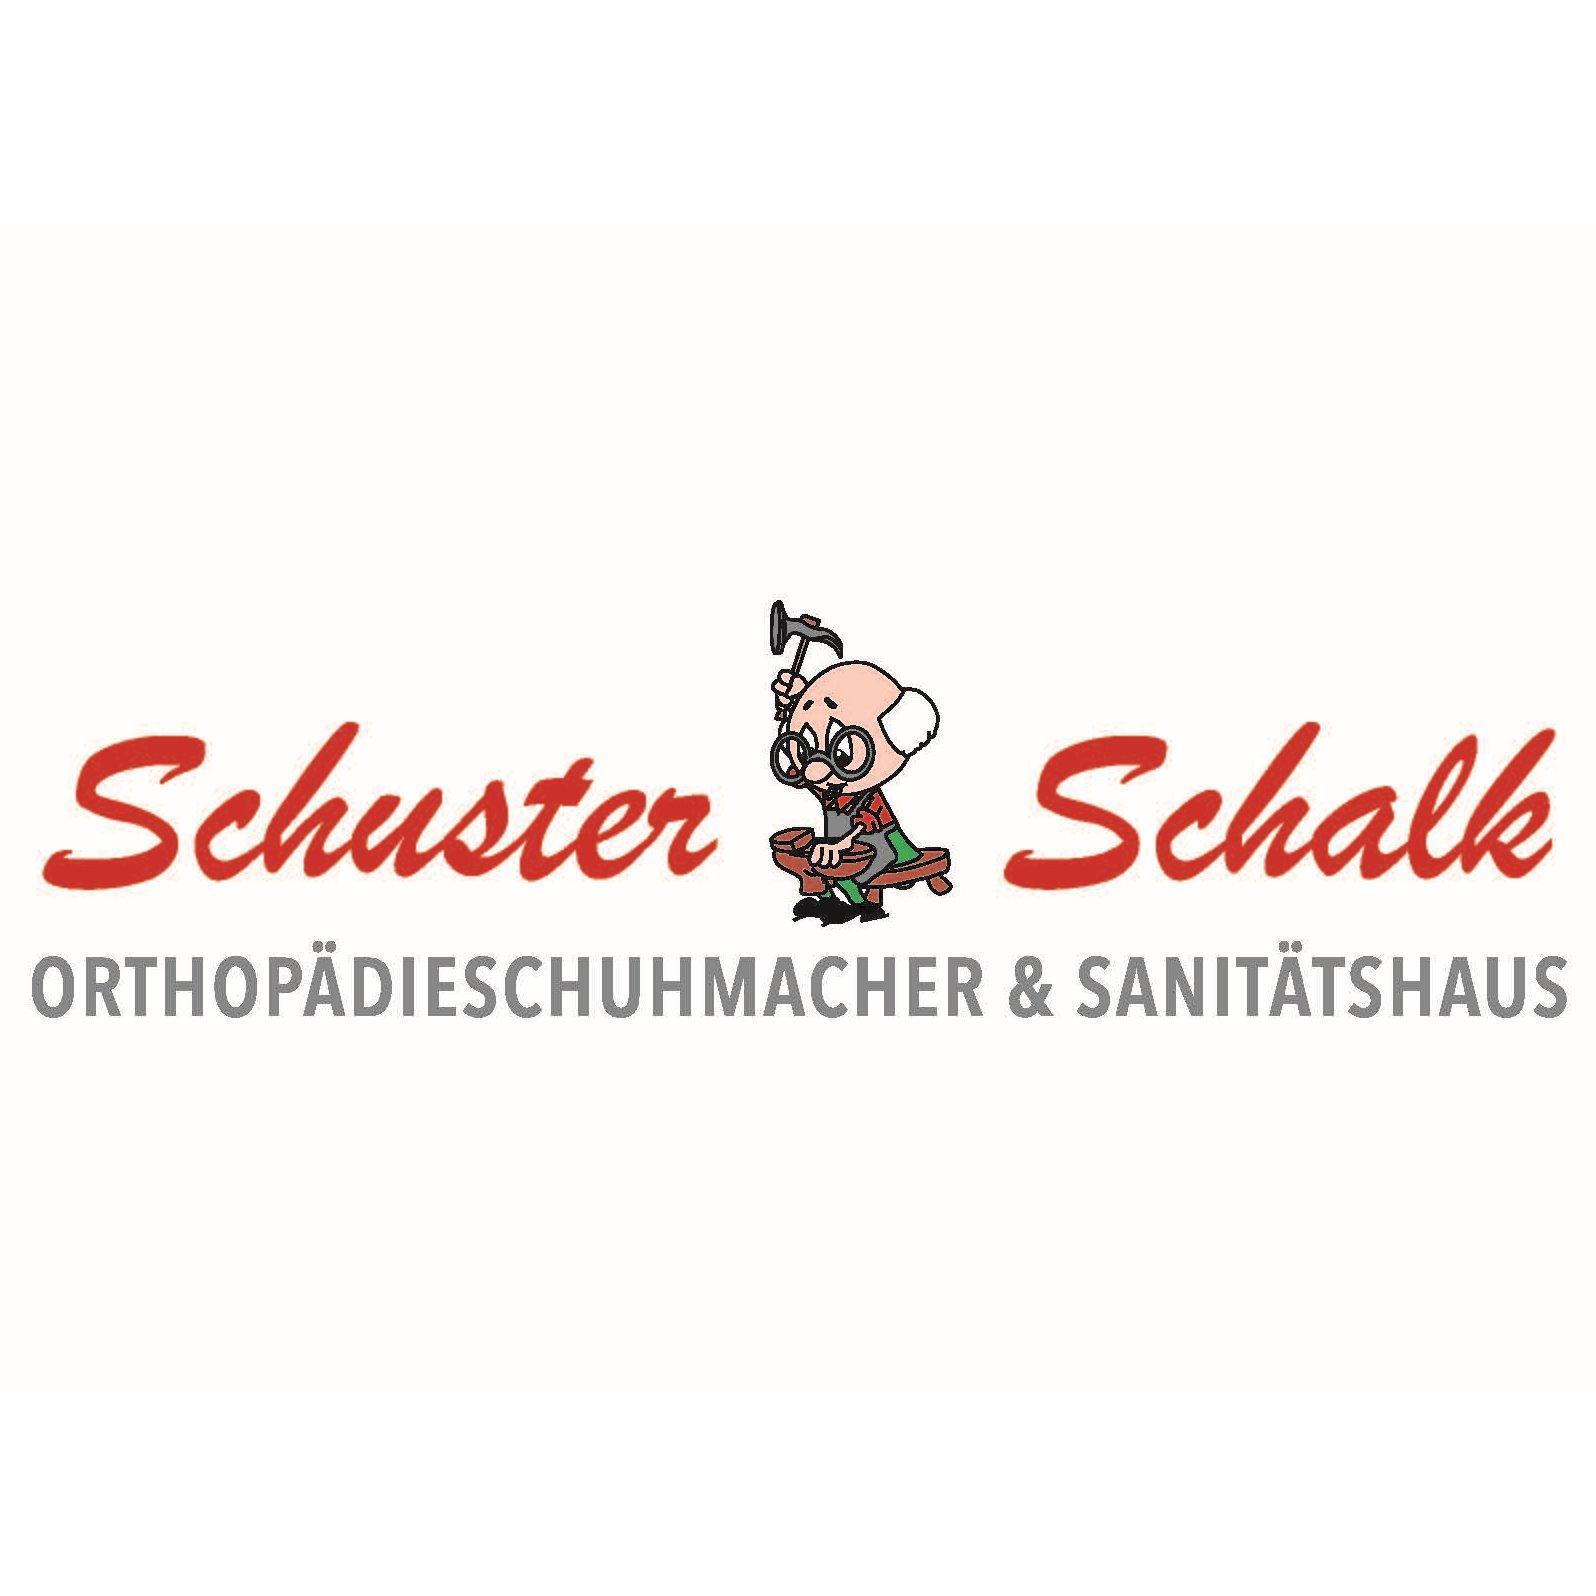 Schuster Schalk GmbH